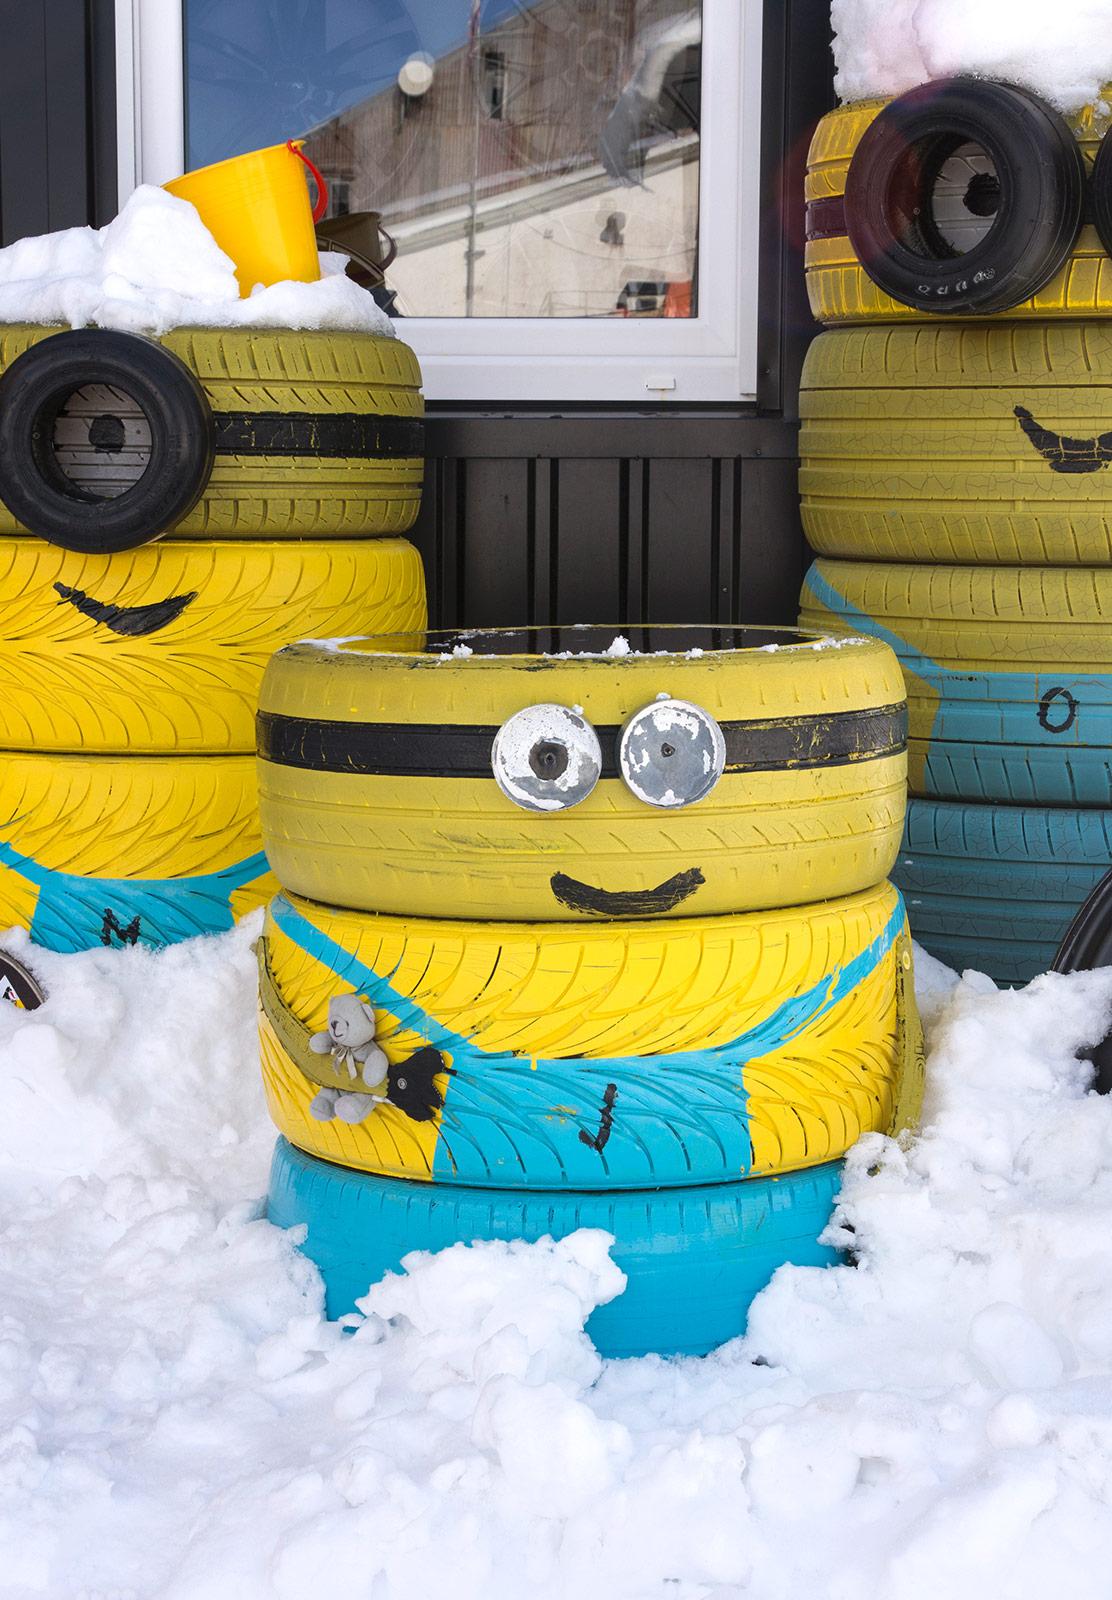 Minion tyres